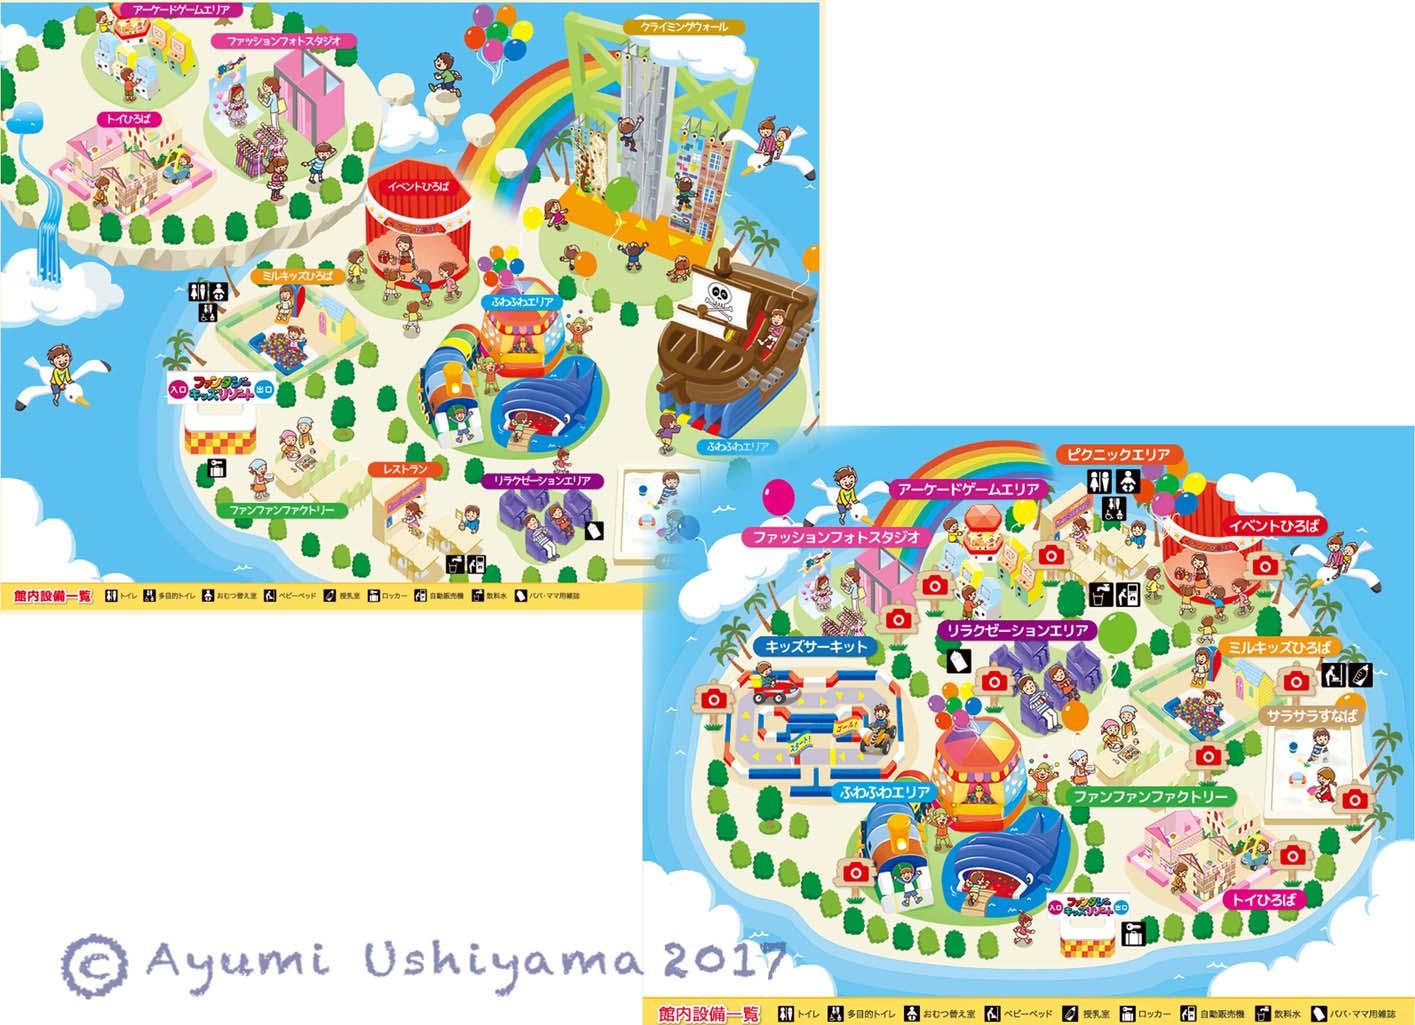 フロアマップ/ファンタジーキッズリゾート 2017